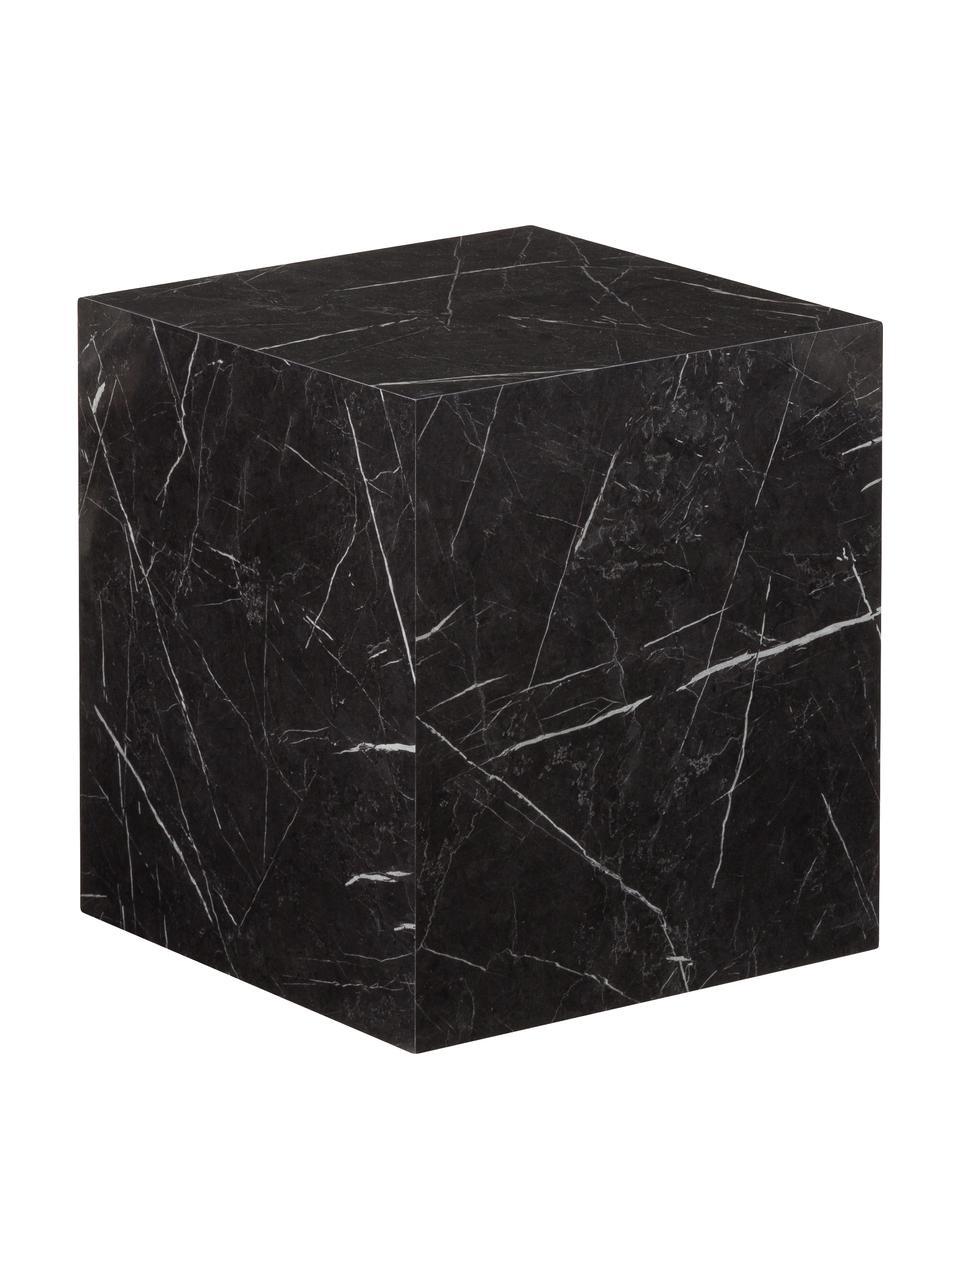 Beistelltisch Lesley in Marmoroptik, Mitteldichte Holzfaserplatte (MDF), mit Melaminfolie überzogen, Schwarz, Marmoroptik, 45 x 50 cm